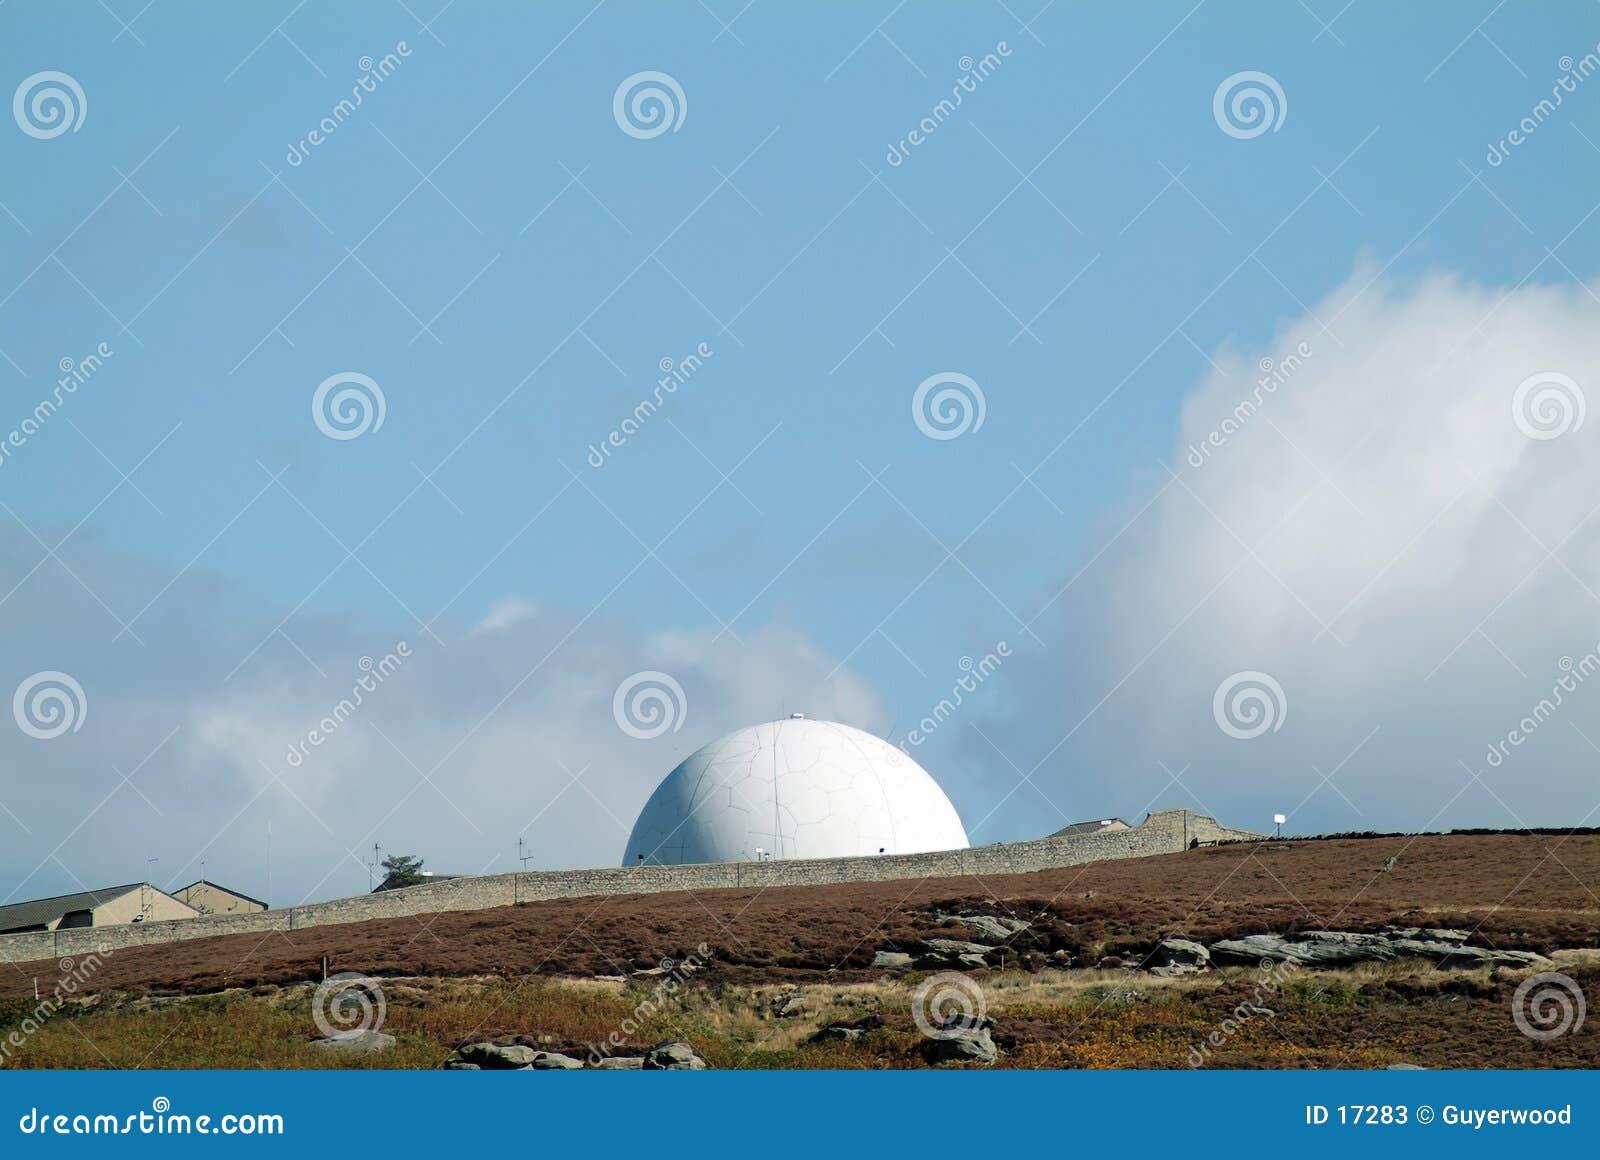 De koepel van de radar